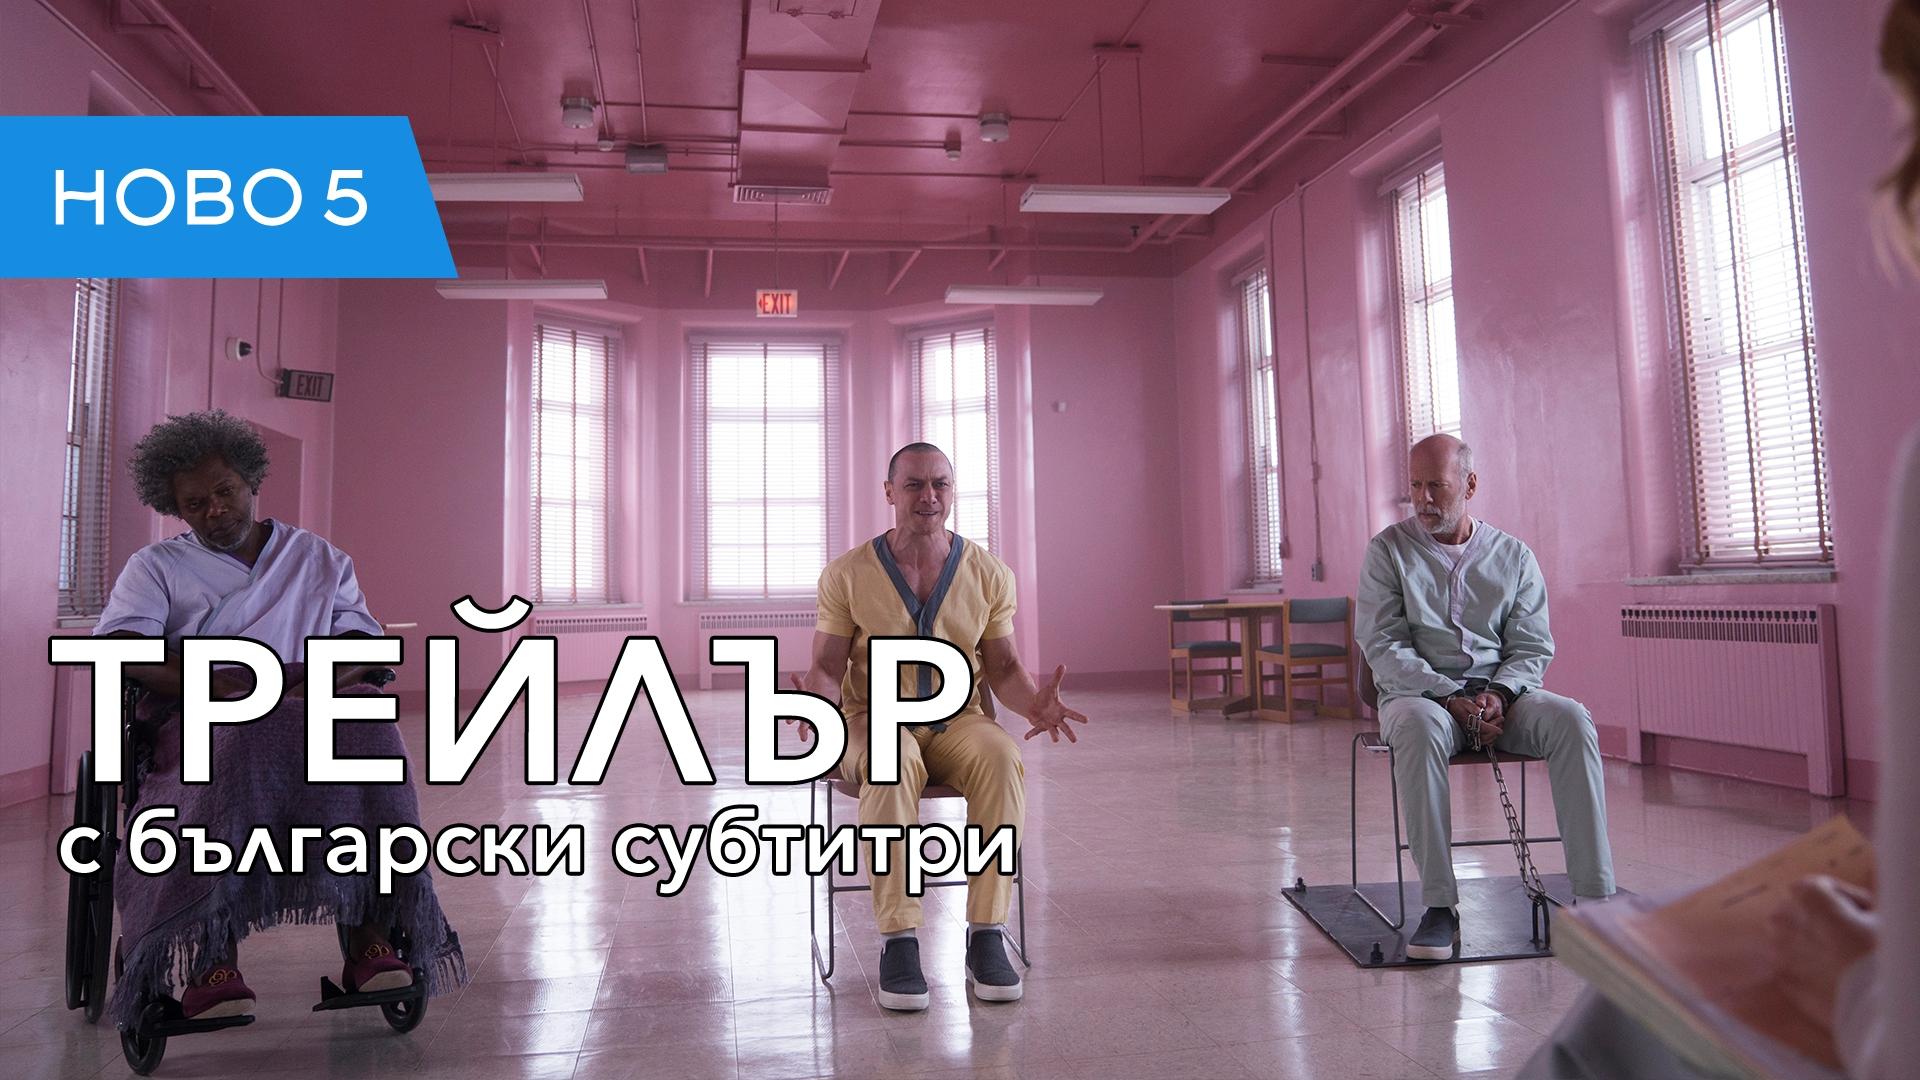 Стъкления (2019) трейлър с български субтитри